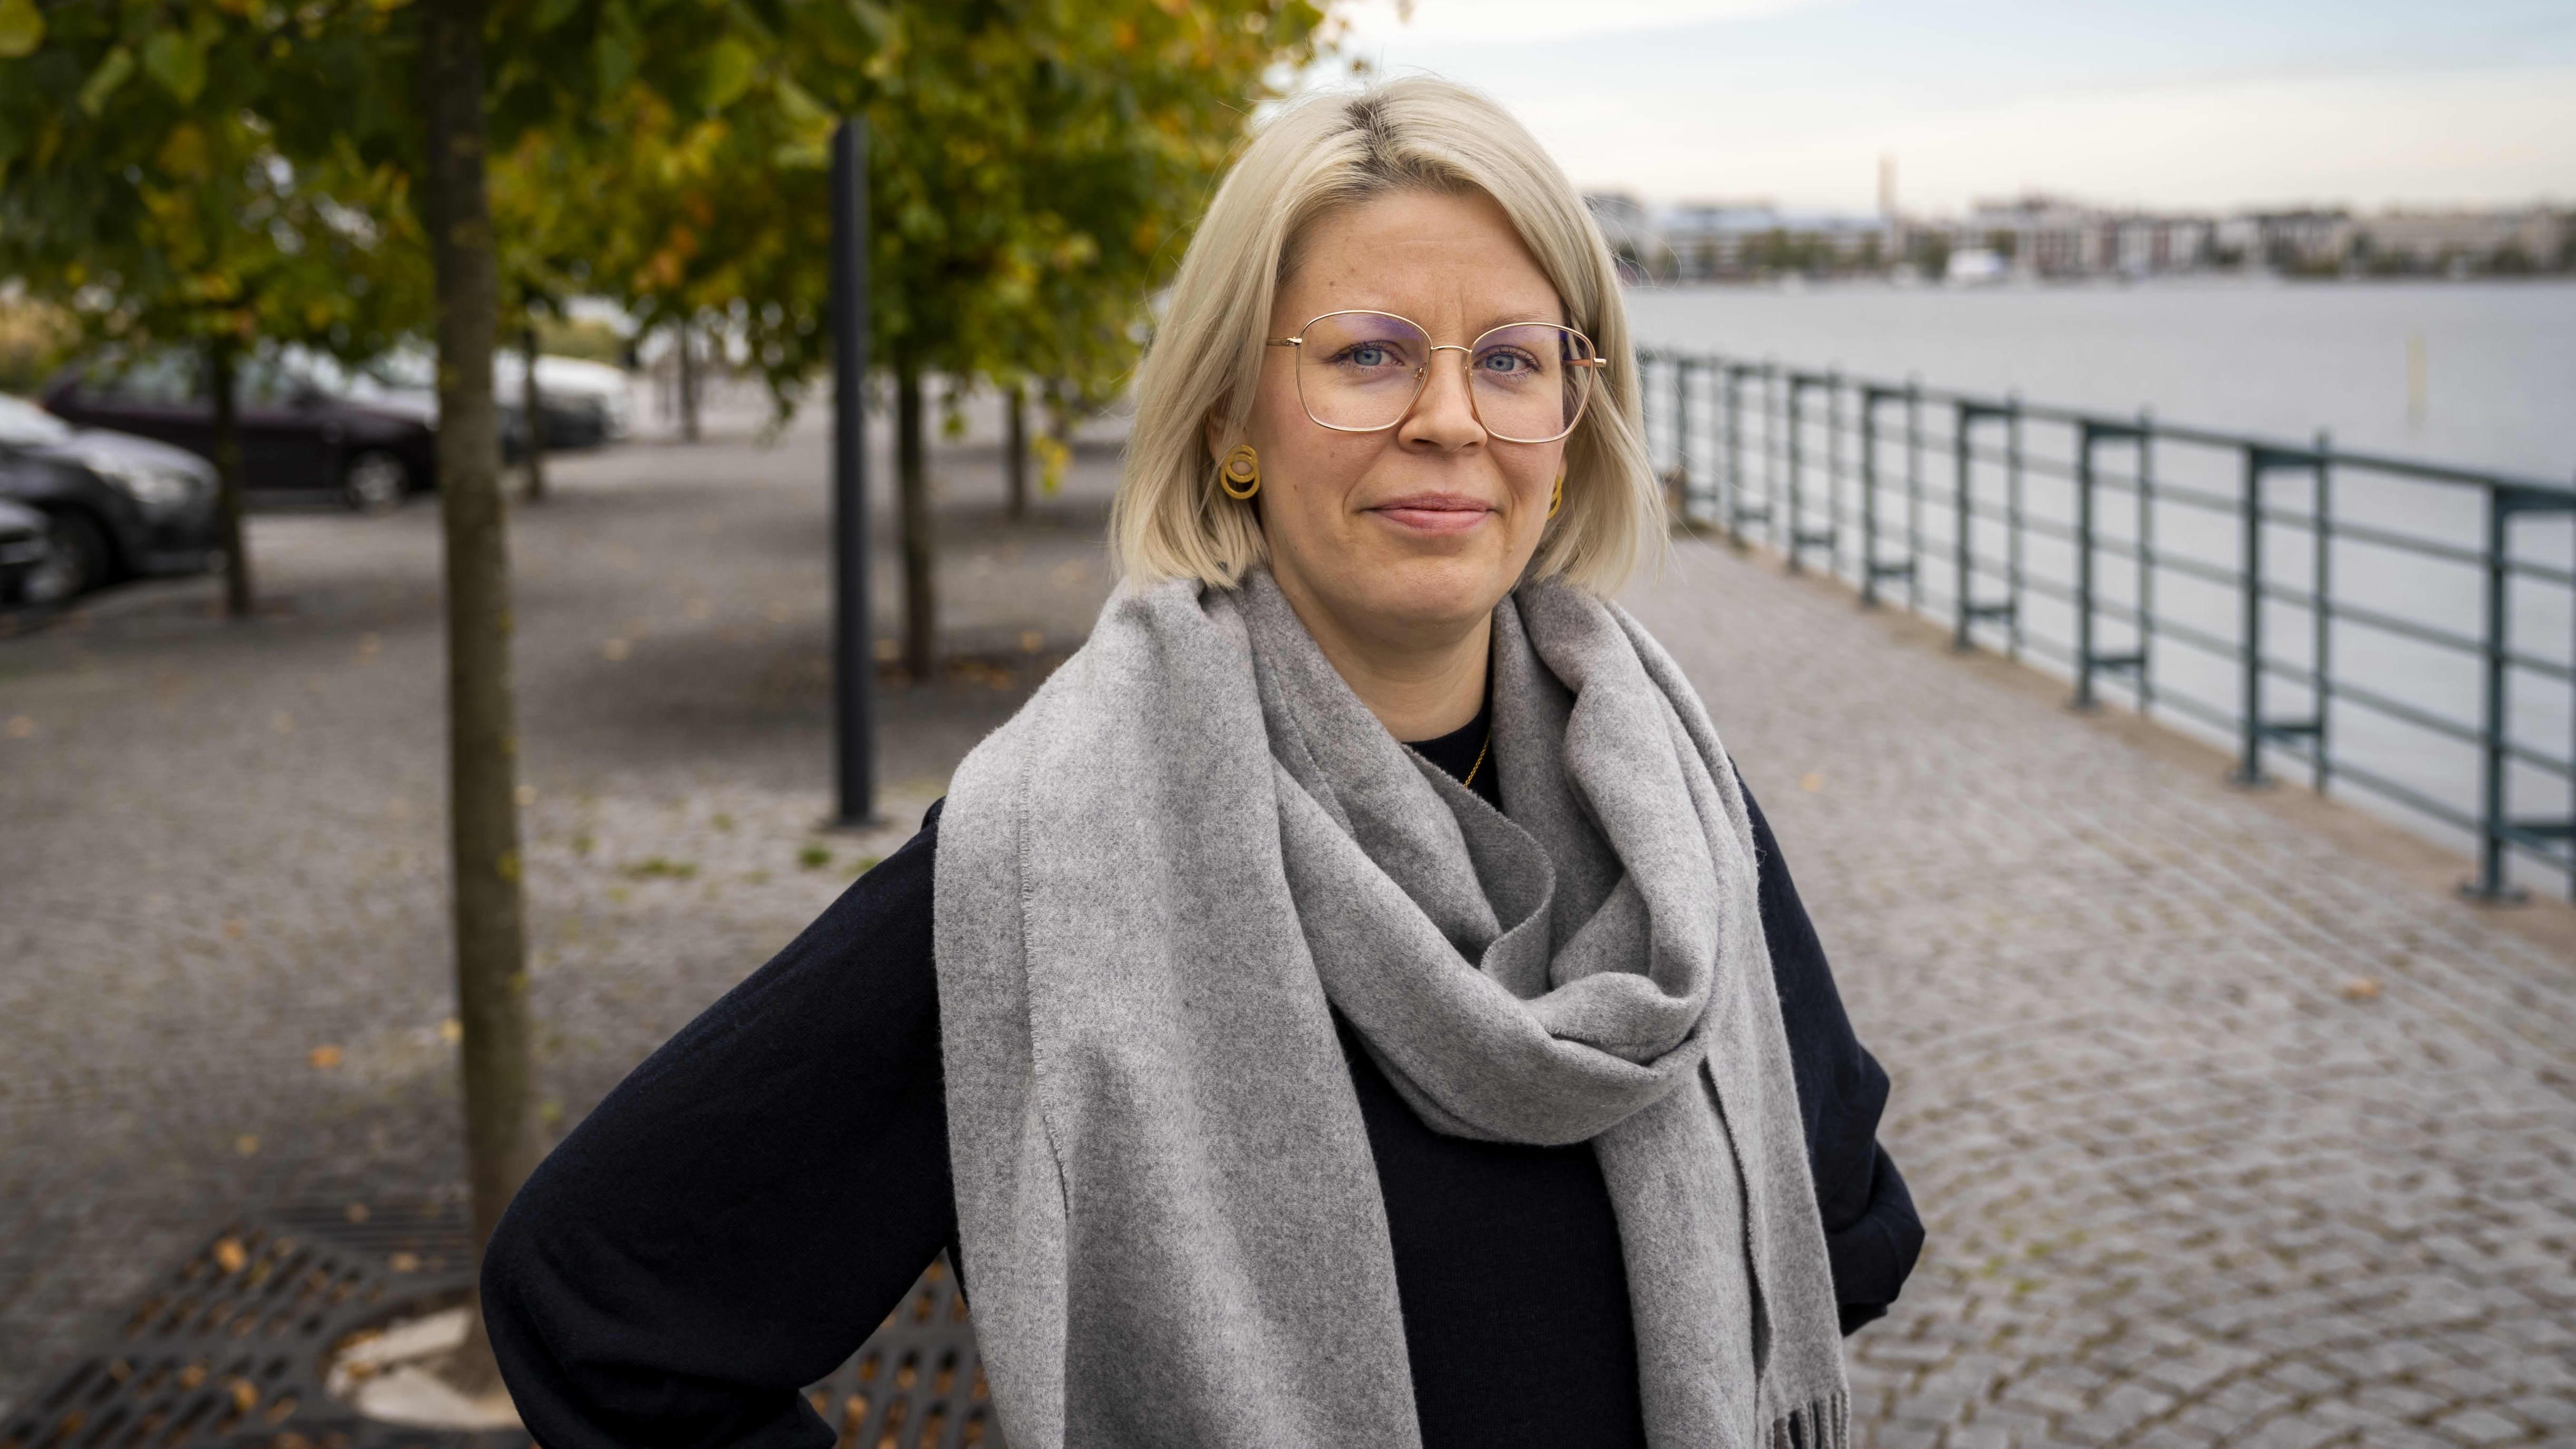 Psykologi Aino Juusola Jätkäsaaressa, taustalla ruskaisia puita ja merta.